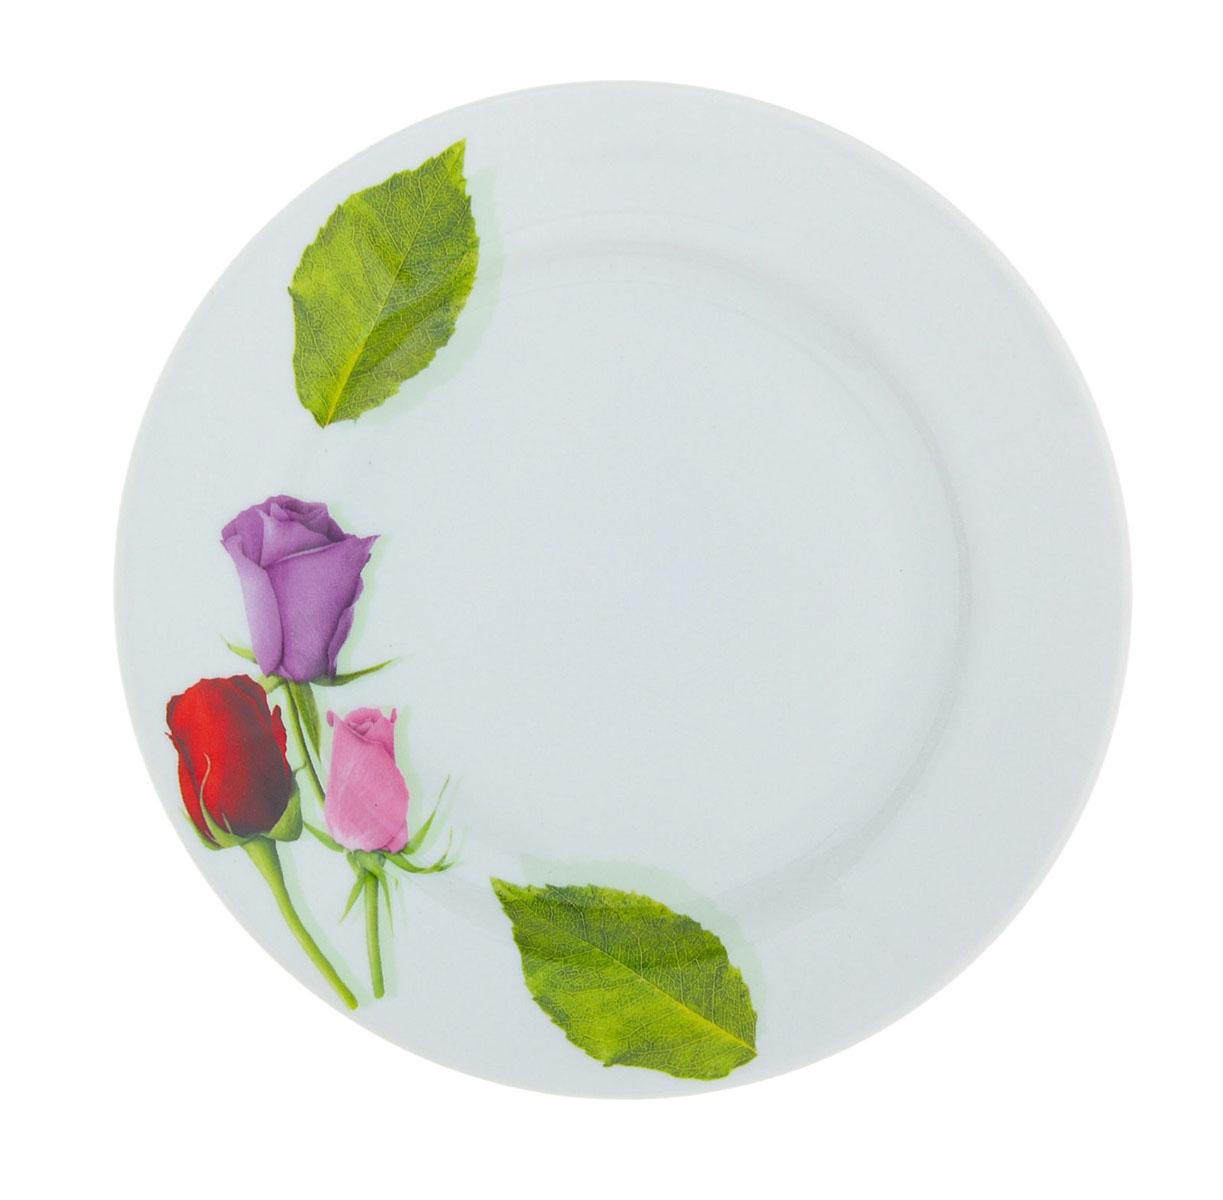 Тарелка мелкая Идиллия. Королева цветов, диаметр 20 см507754Мелкая тарелка Идиллия. Королева цветов выполнена из высококачественного фарфора и украшена ярким рисунком цветов. Она прекрасно впишется в интерьер вашей кухни и станет достойным дополнением к кухонному инвентарю. Тарелка Идиллия. Королева цветов подчеркнет прекрасный вкус хозяйки и станет отличным подарком. Диаметр тарелки: 20 см.